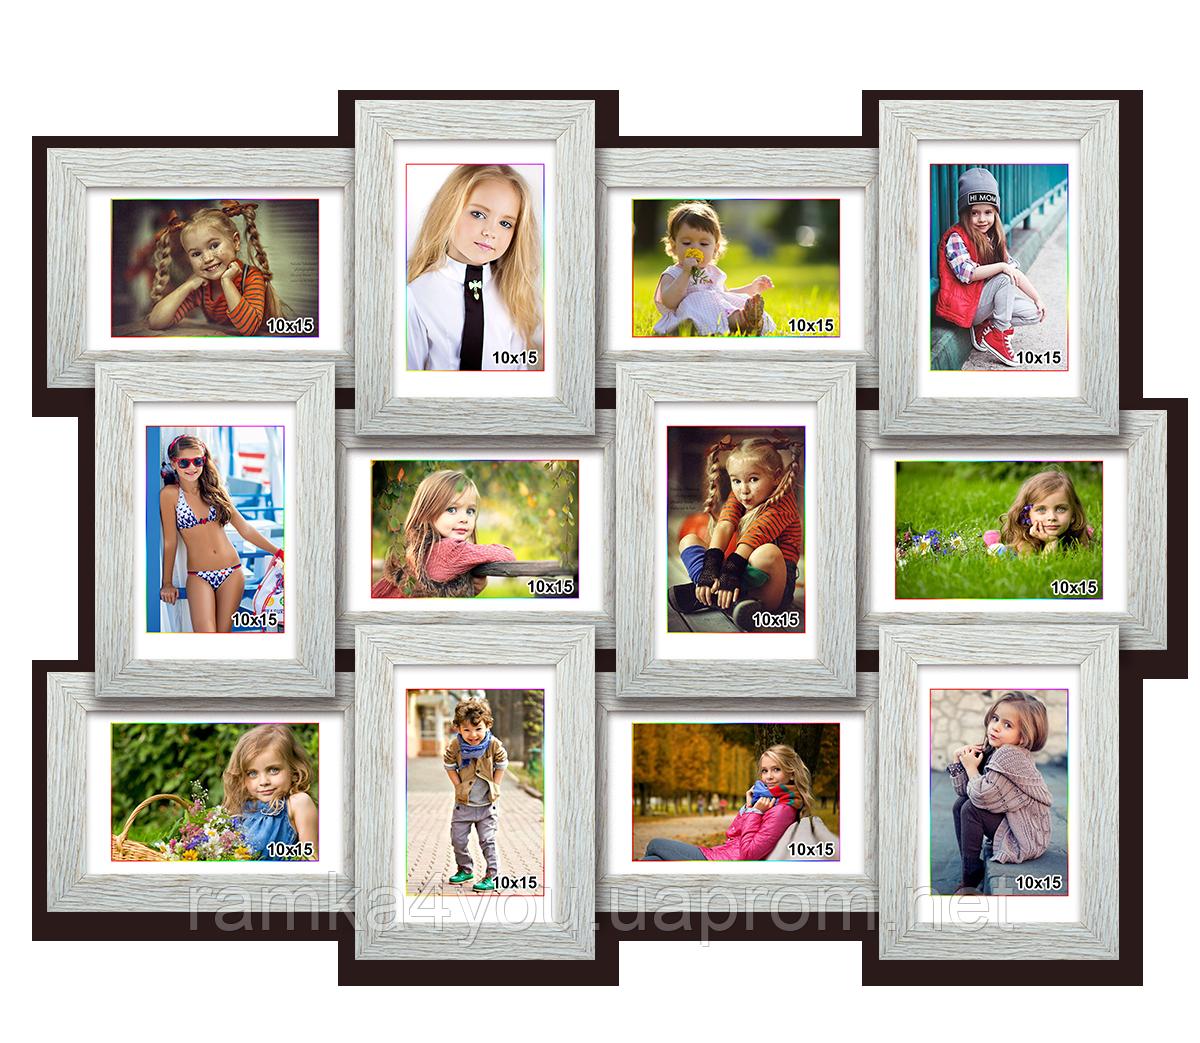 Мультирамка-коллаж Классическая на 12 фотографий 10х15 белая премиум с эффектом браширования